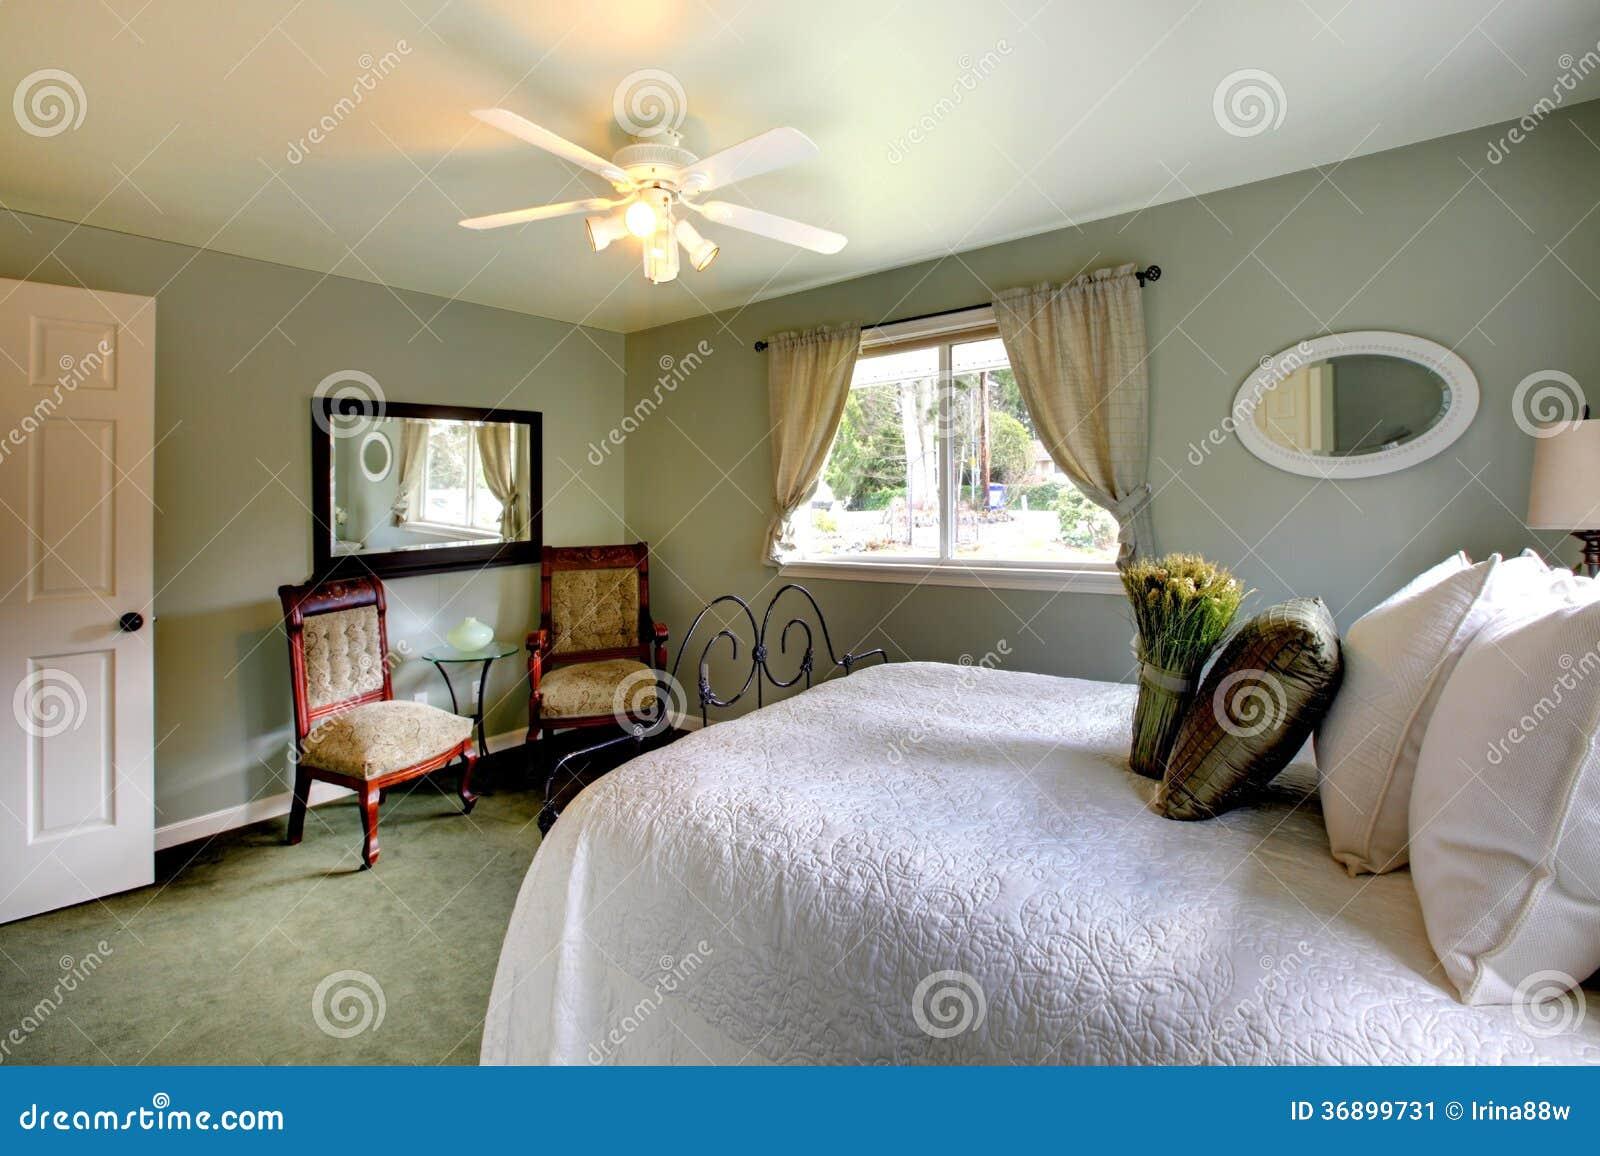 Carpet In Bedrooms